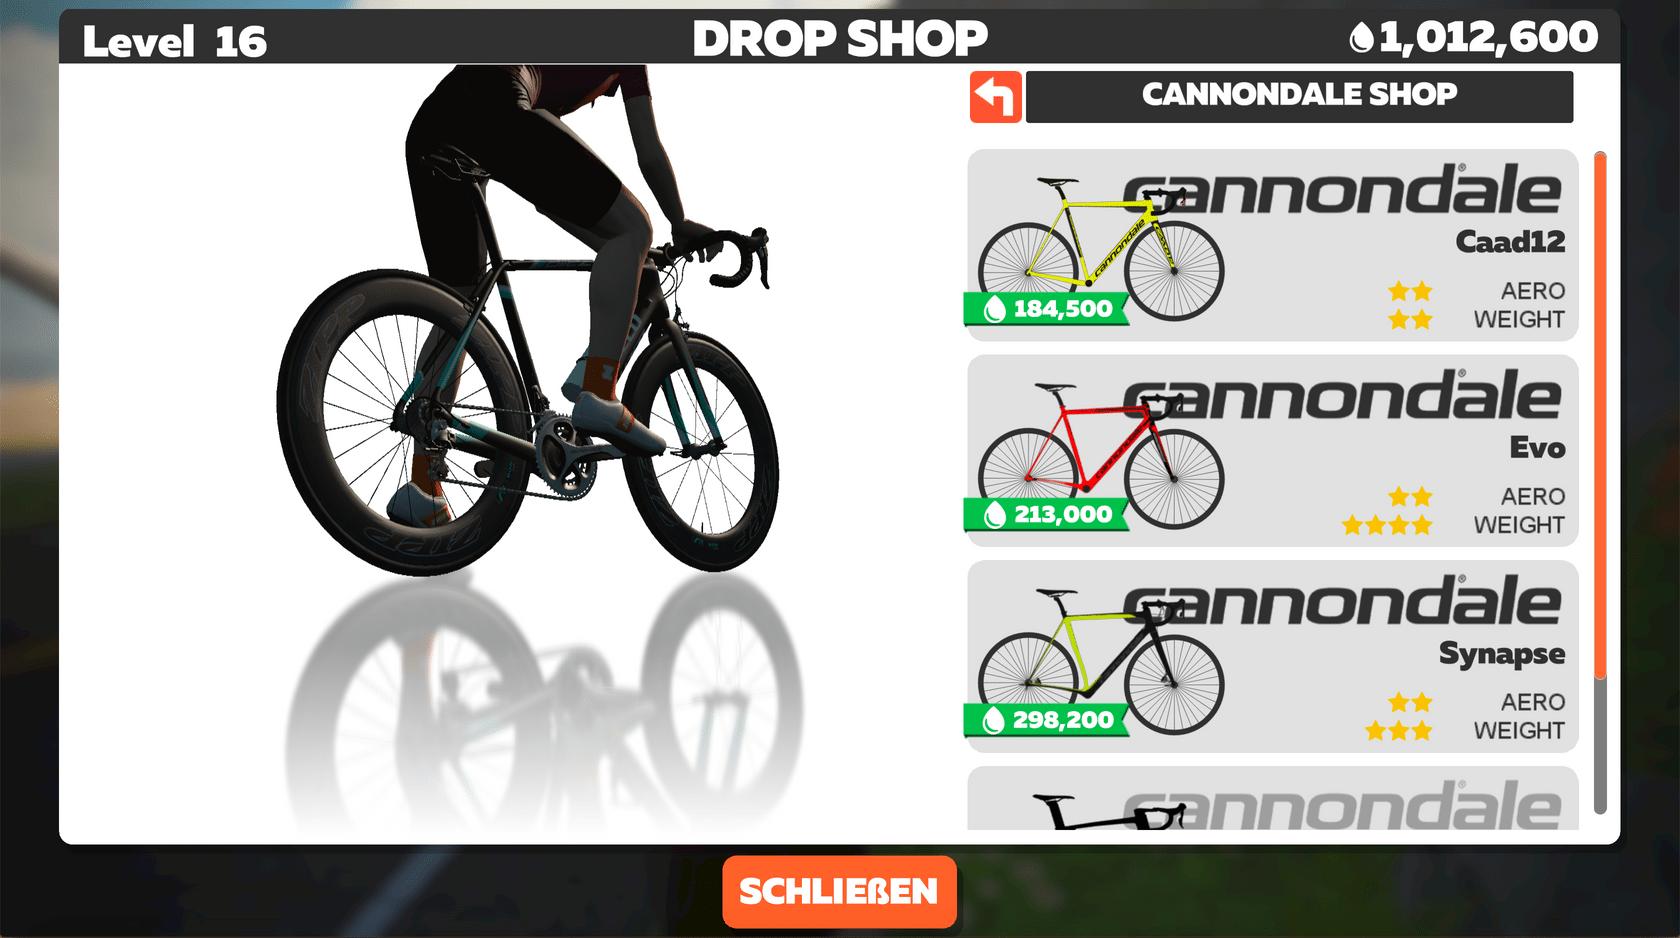 Drop Shop Rahmen Shop Cannondale